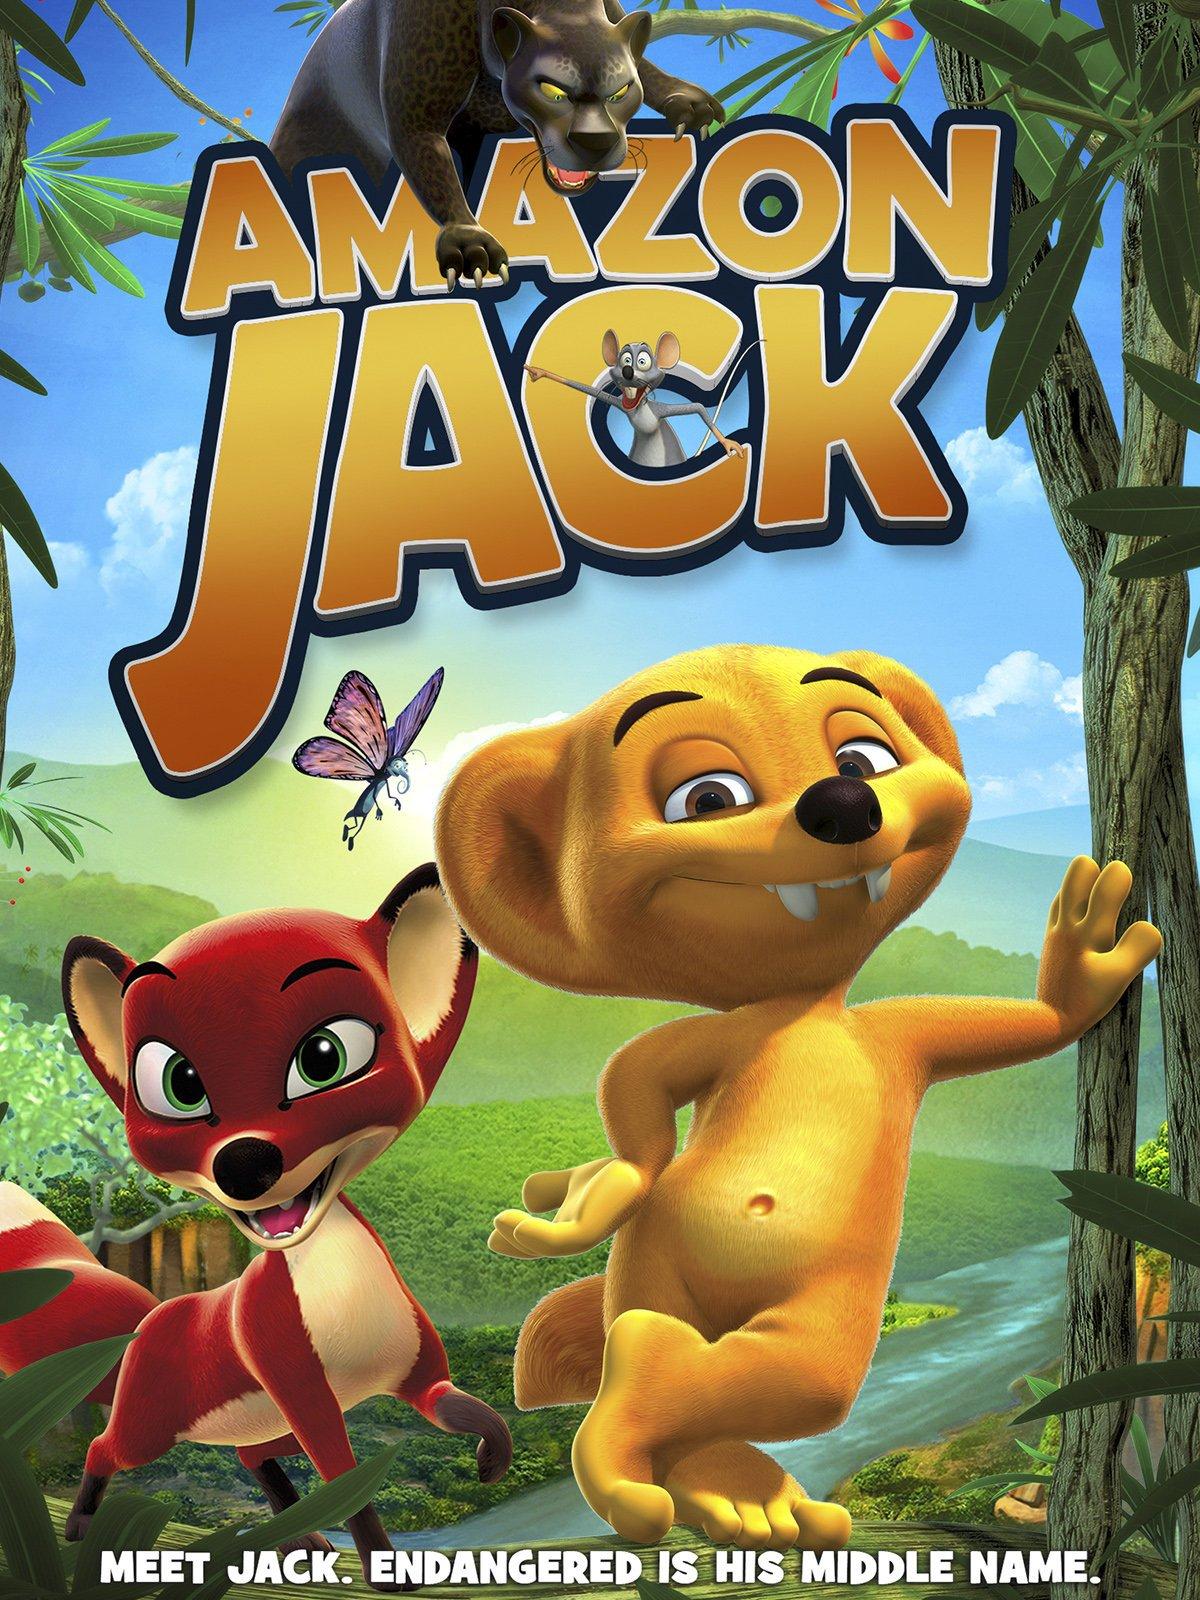 دانلود انیمیشن Amazon Jack 3 2007 با دوبله فارسی